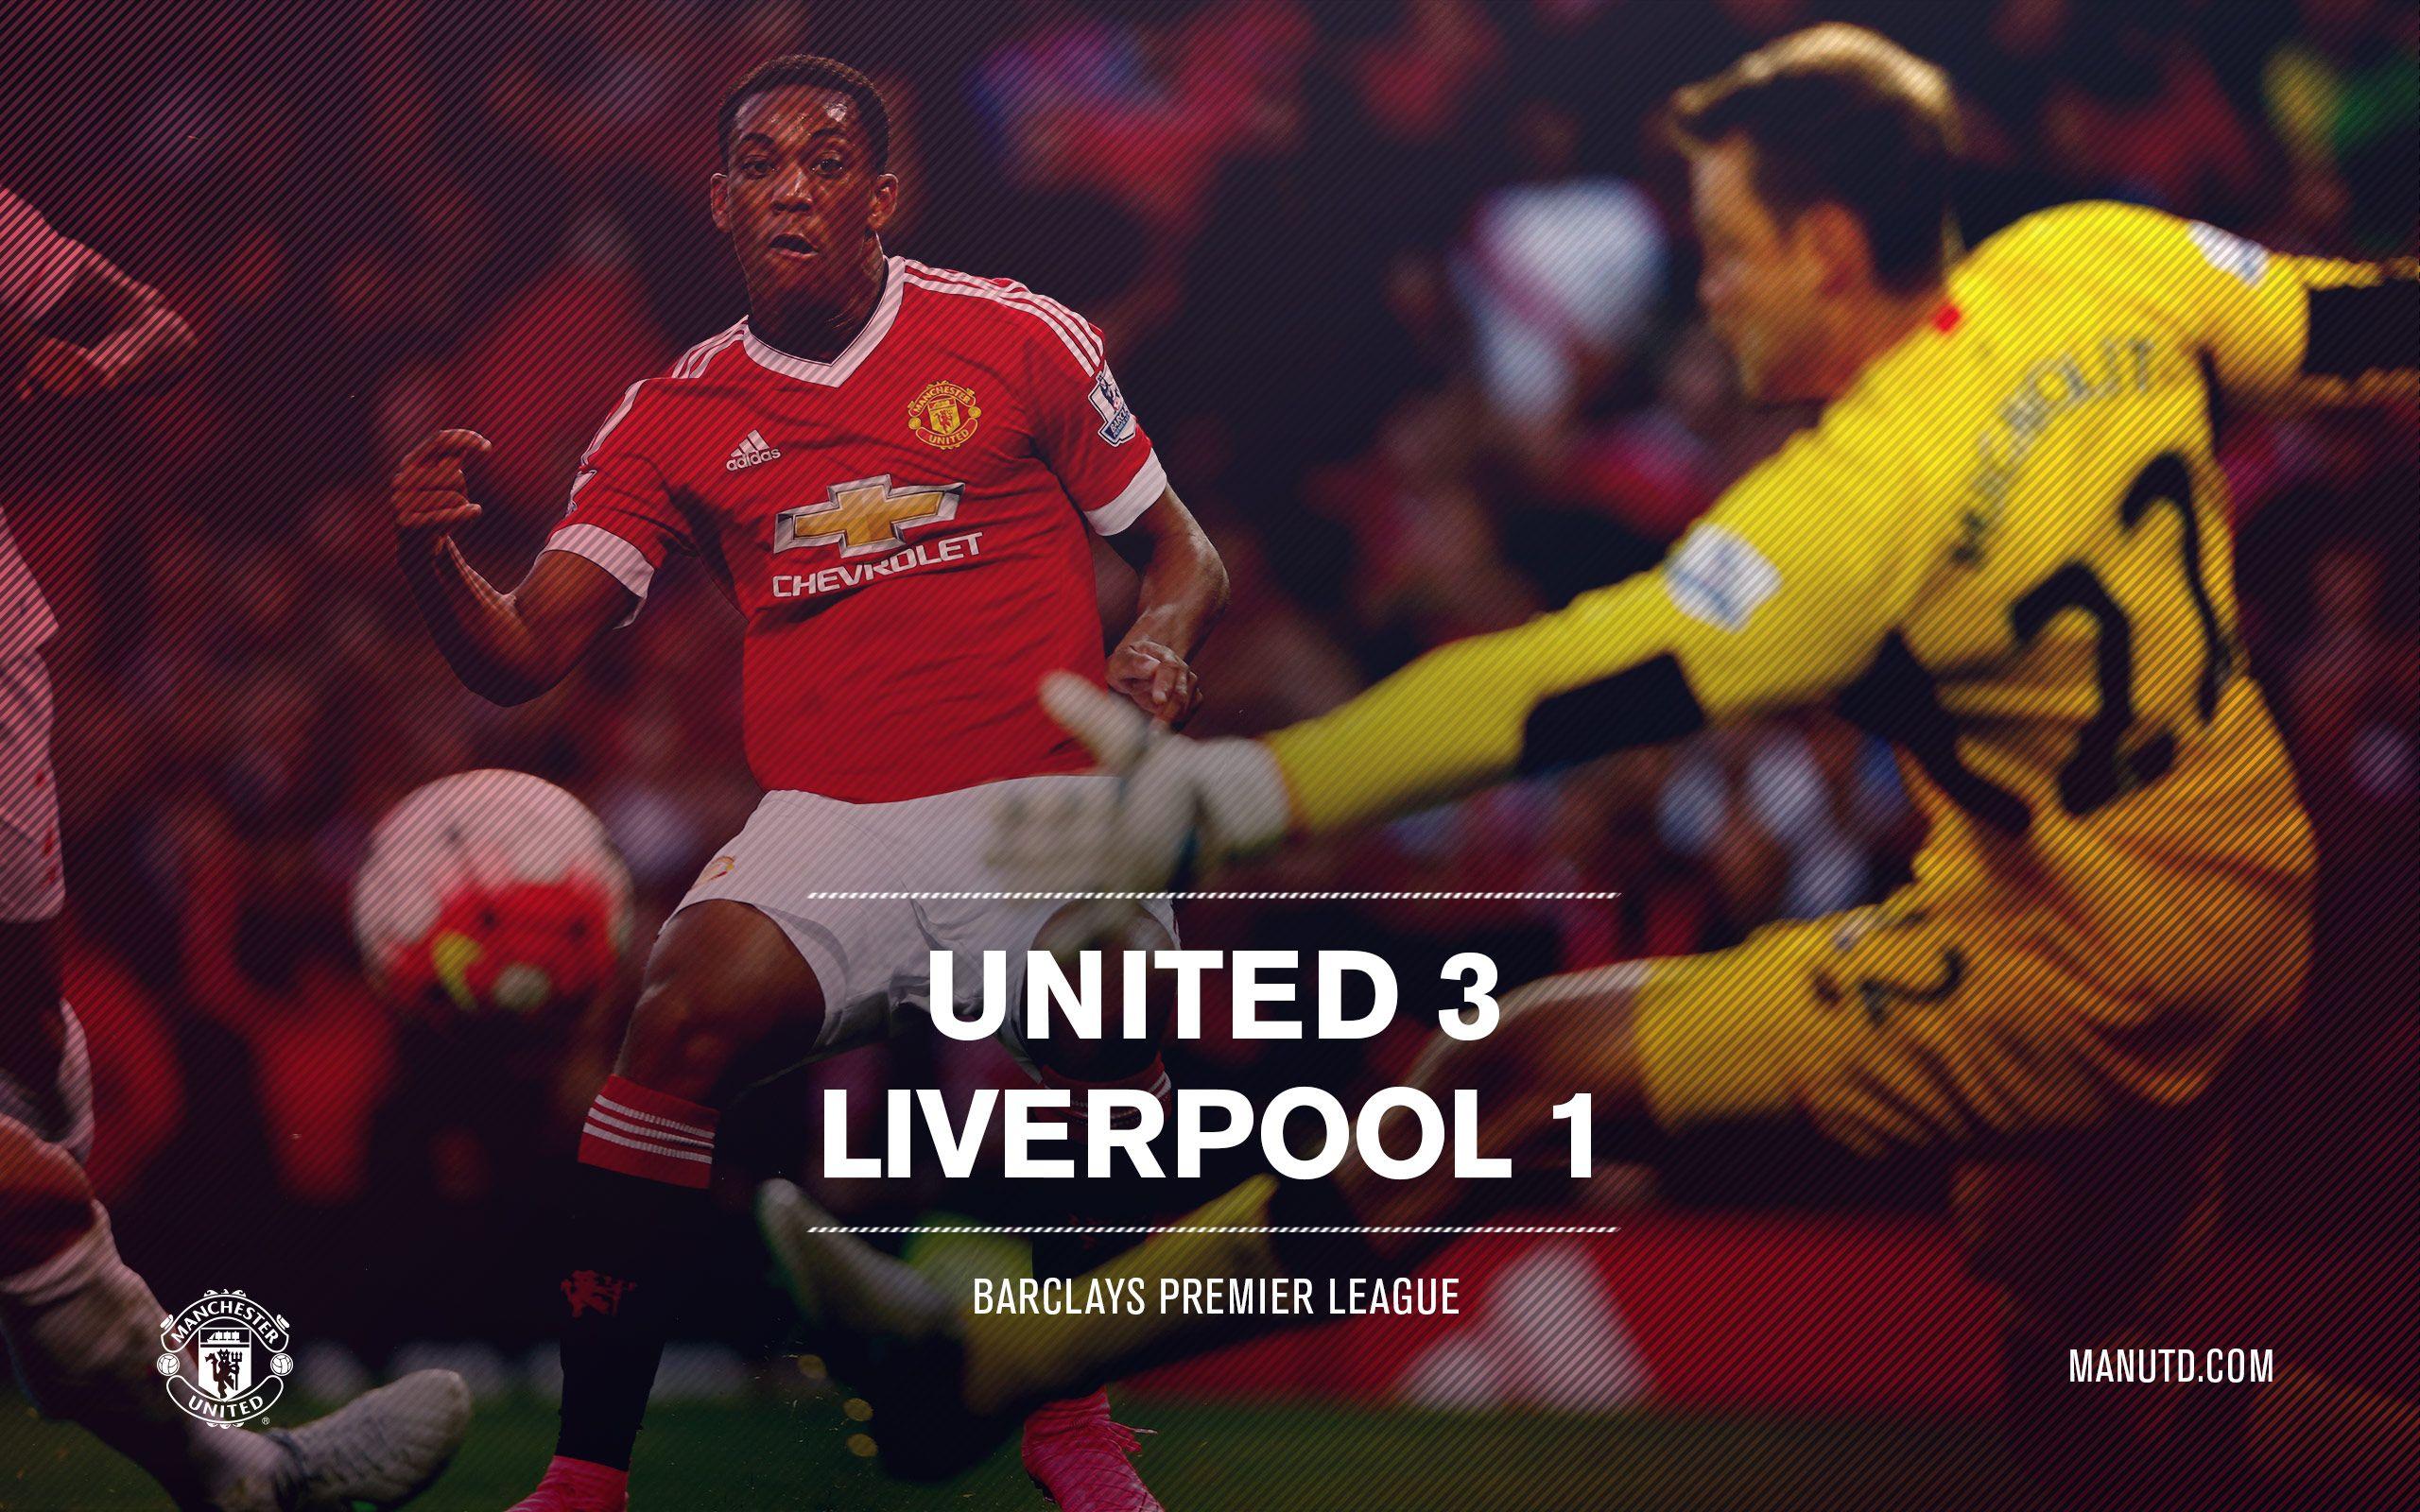 7e95d68820ed47a6ac8dfbb836f68f35 Ashx 2560 1600 Official Manchester United Website Manchester United Manchester United Wallpaper